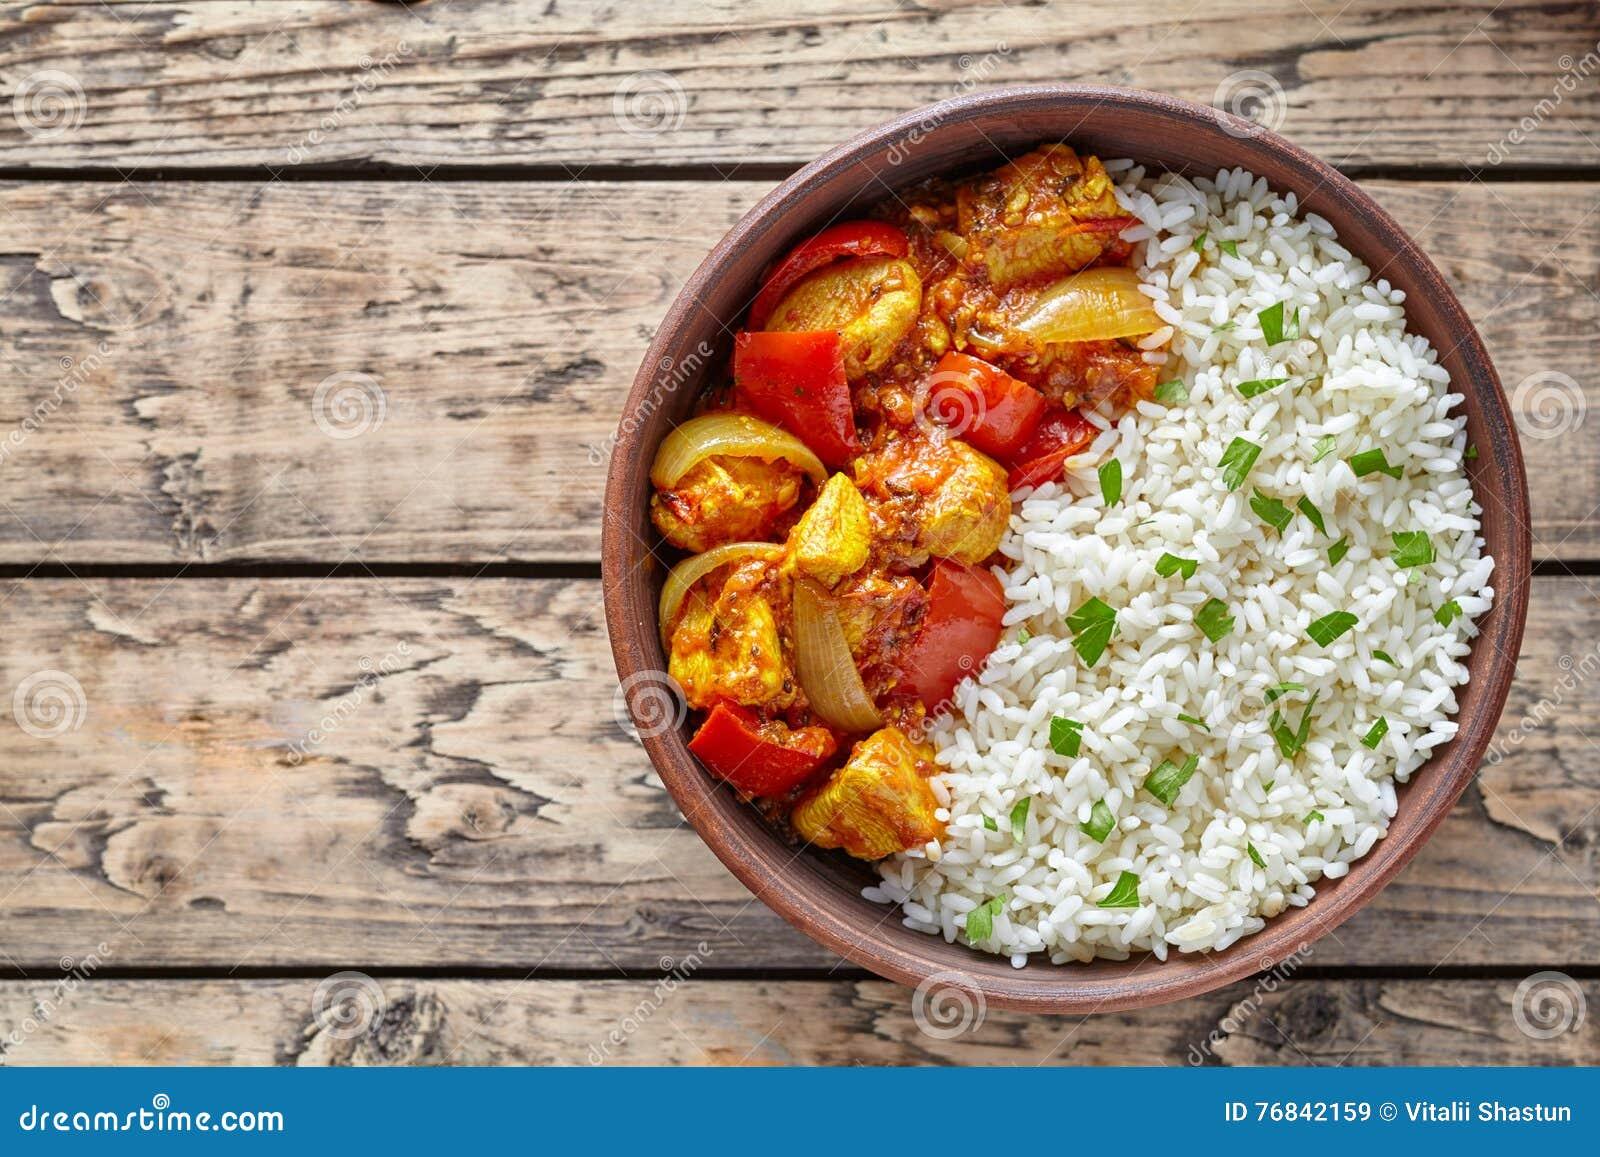 Kurczaka jalfrezi curry ego chili Indiański korzenny mięso z basmati ryż i warzywami w glinianym naczyniu